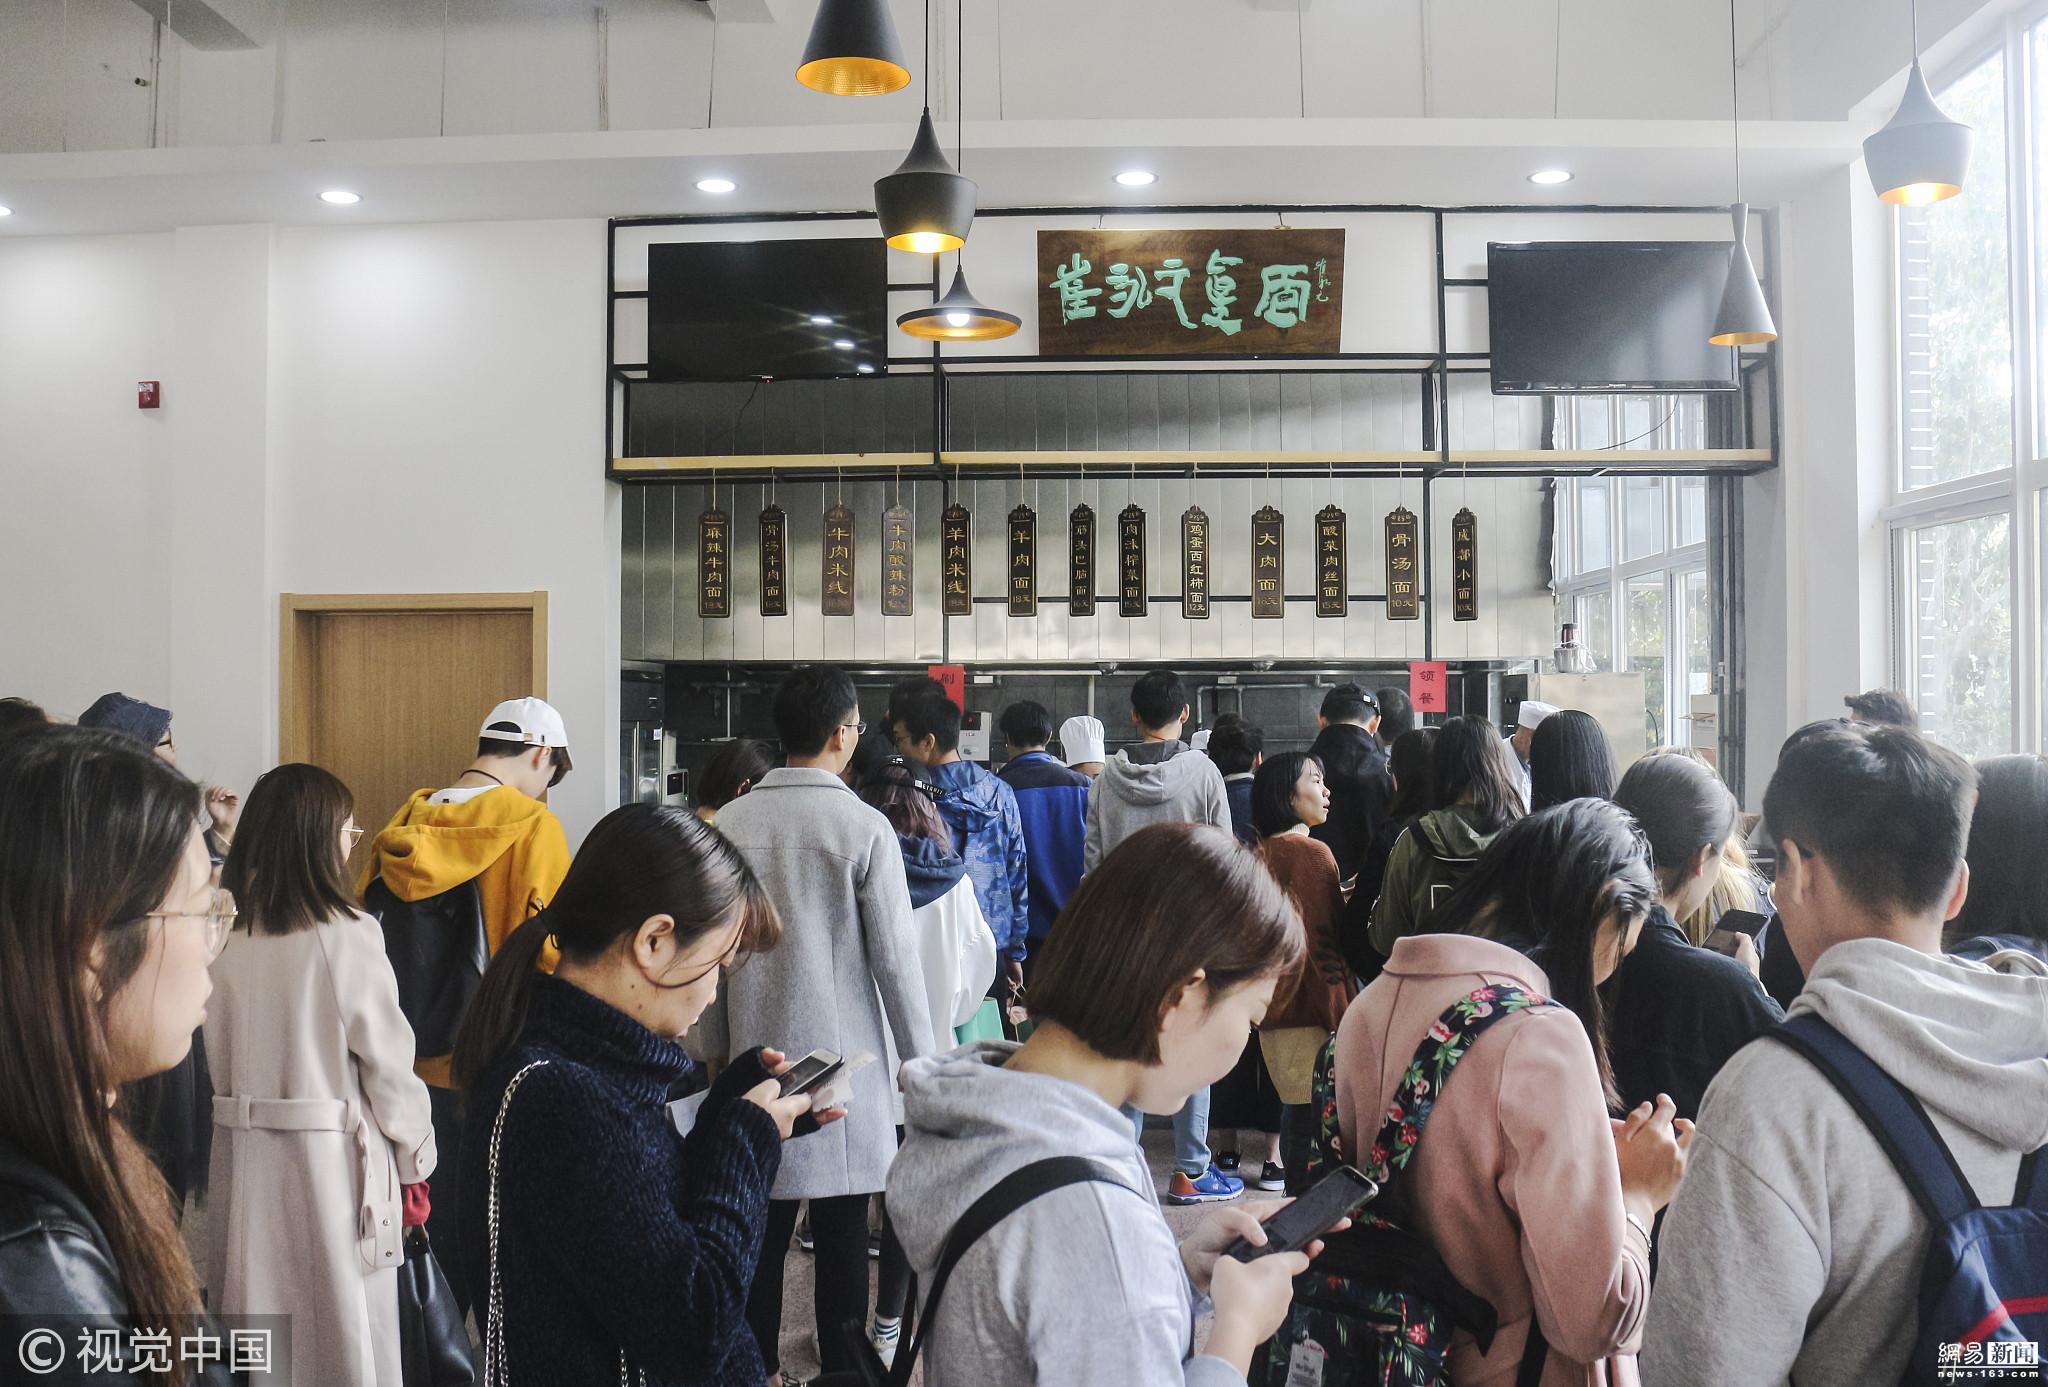 高校开崔永元真面面馆 吸引学生排长队! - 周公乐 - xinhua8848 的博客